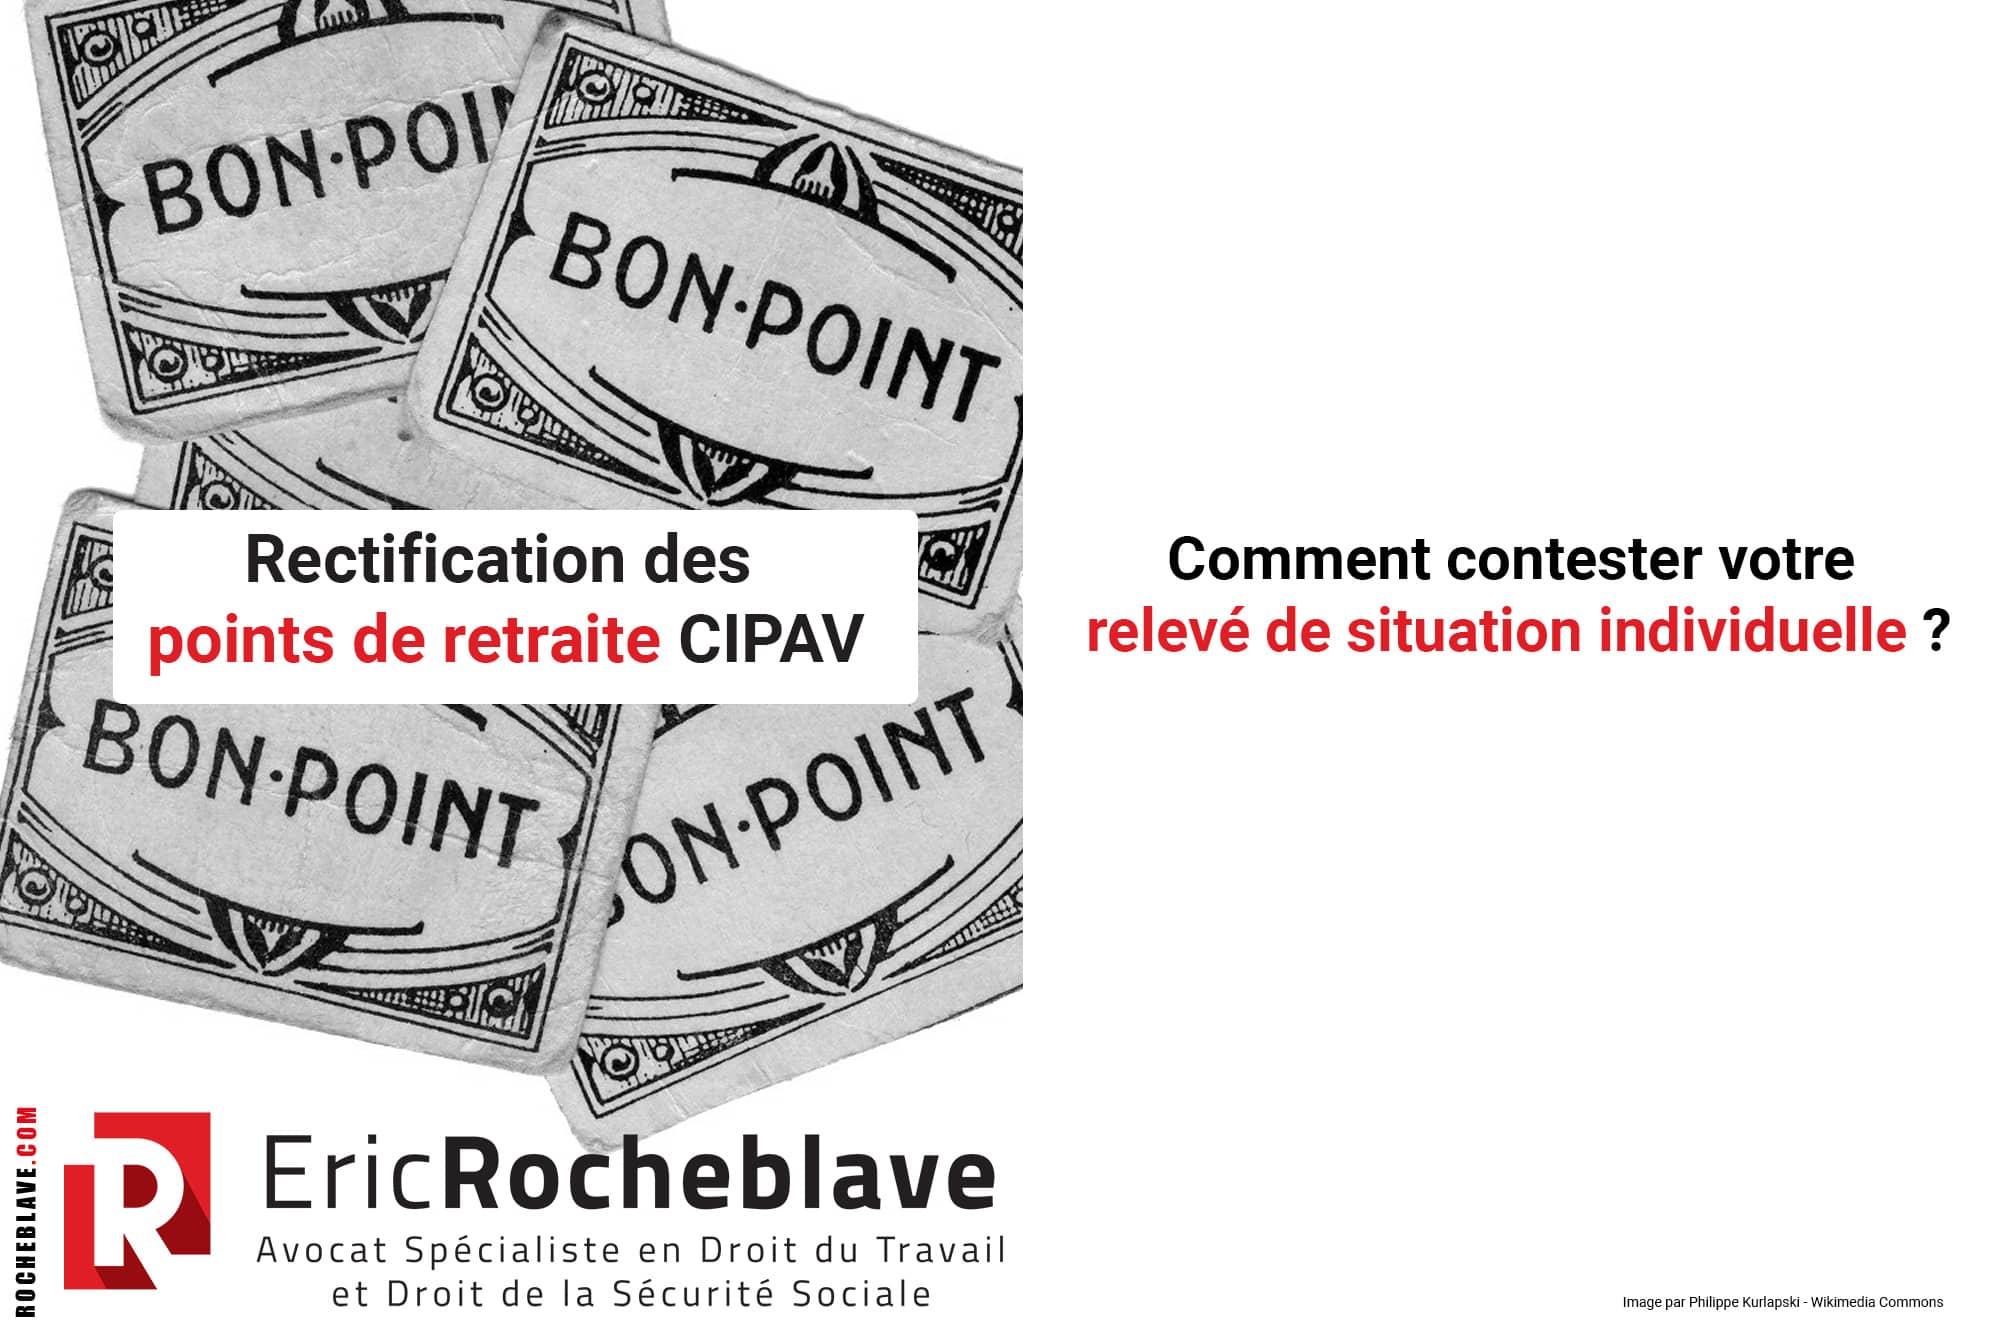 Rectification des points de retraite CIPAV